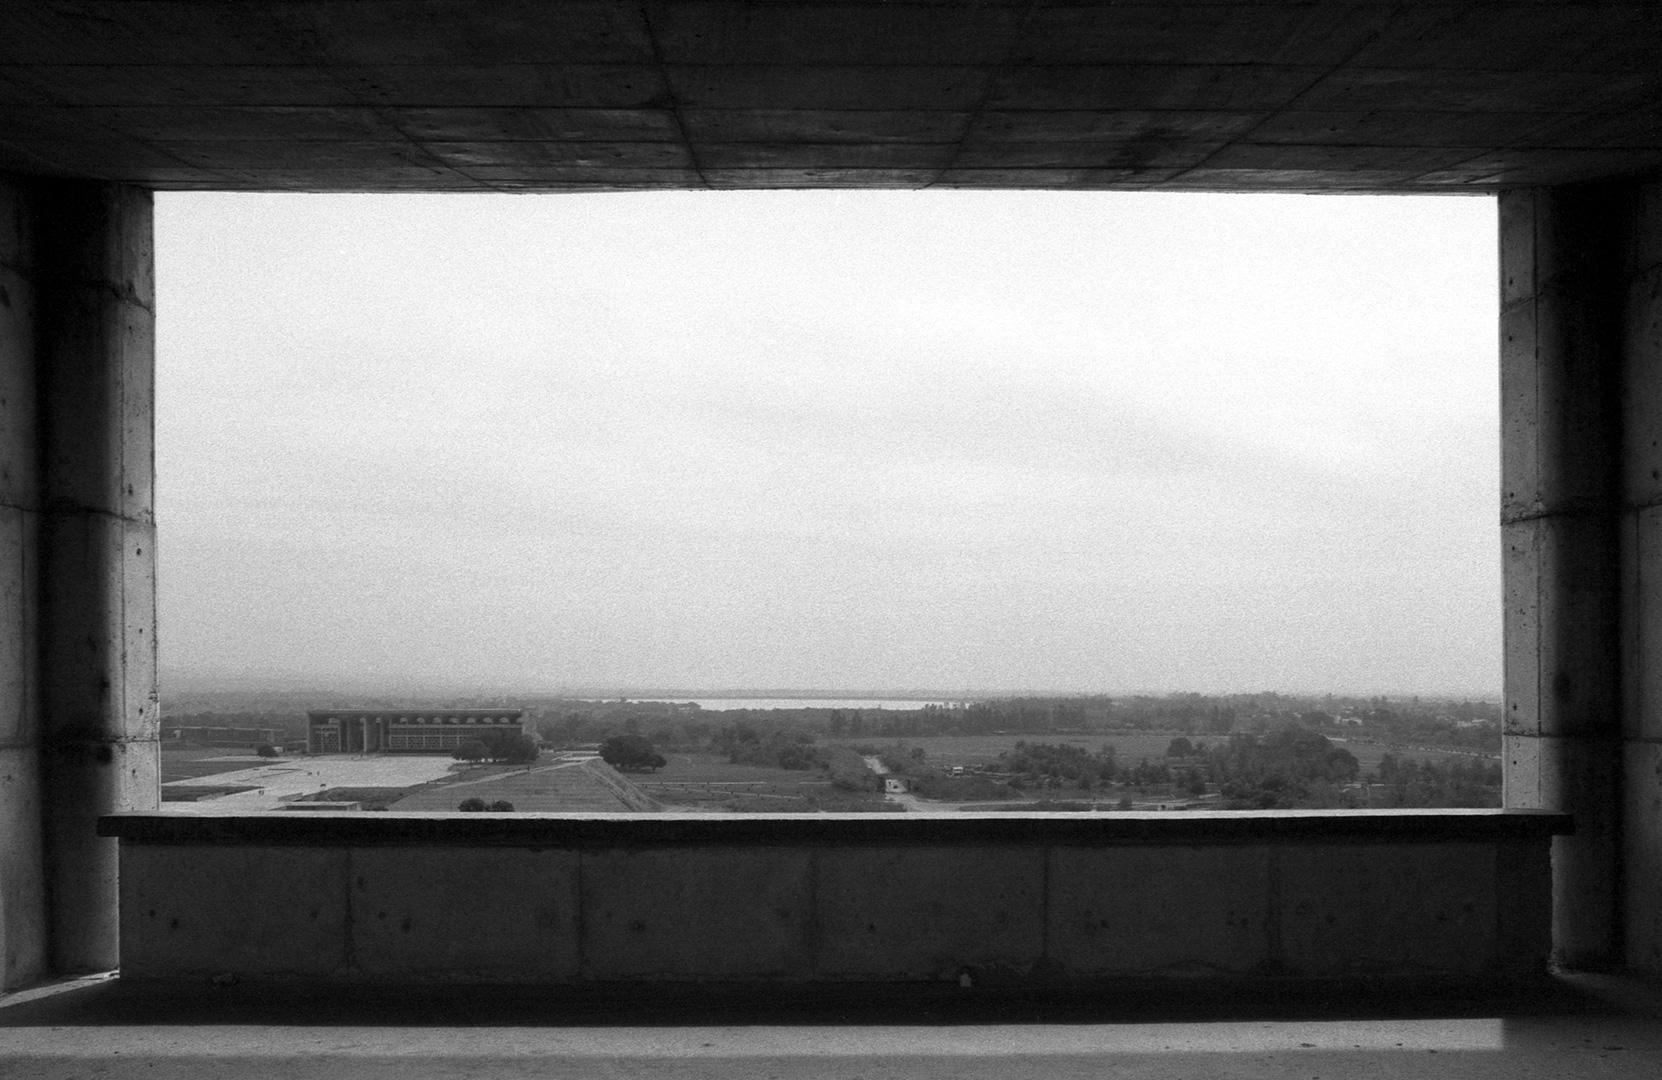 le-corbusier_11_Le_Corbusier_Chadingarh_LC1_938-5-CHA